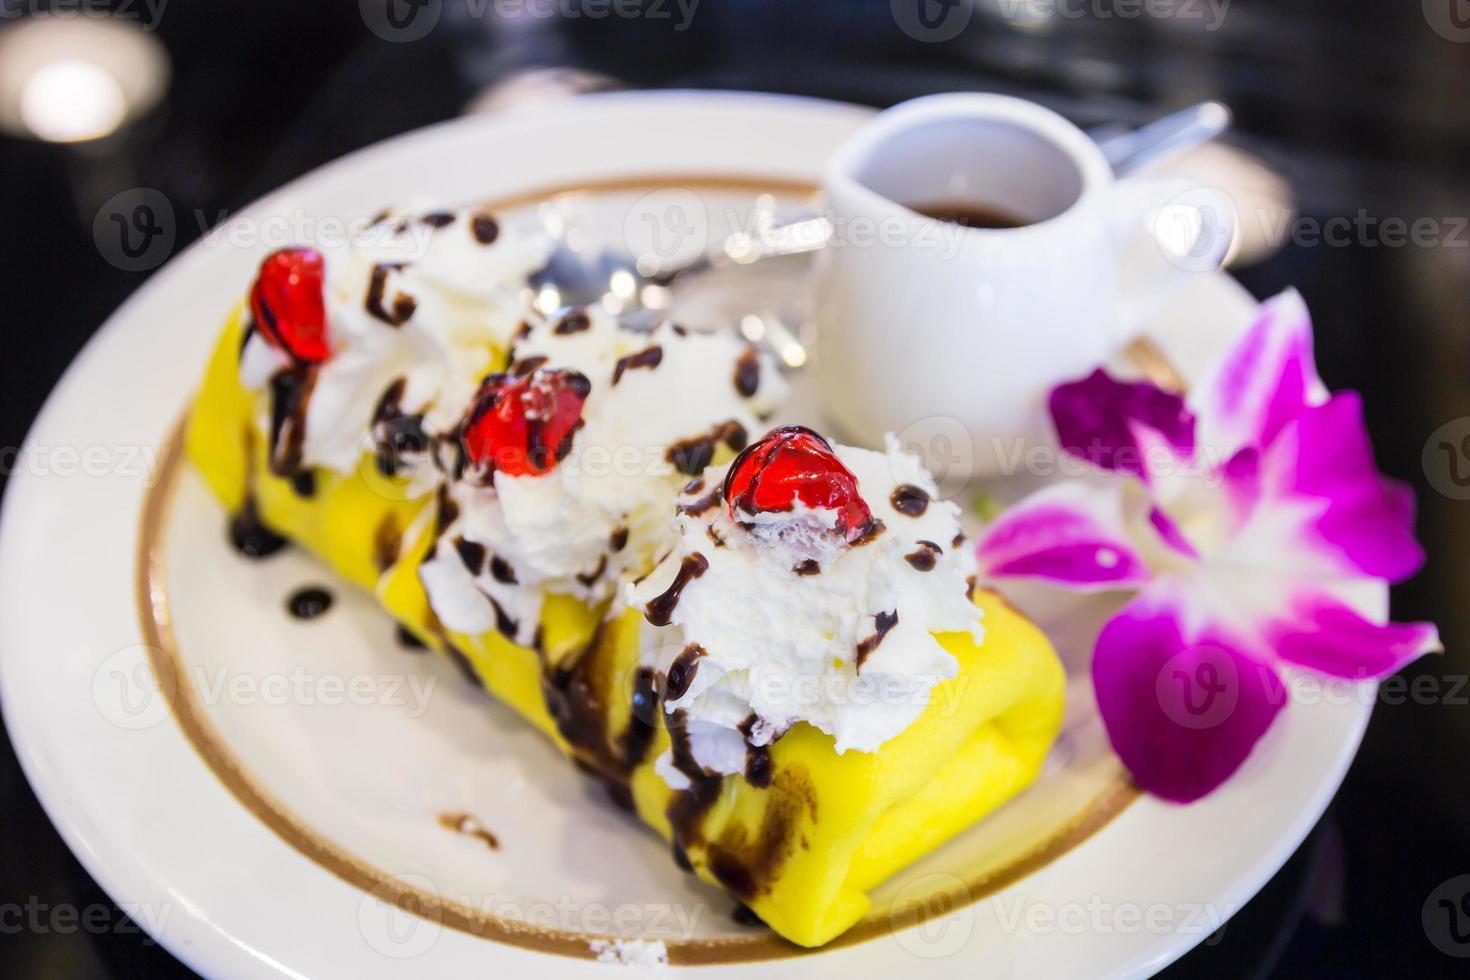 primer plano pastel de crepe plátano con chocolate y gelatina roja foto